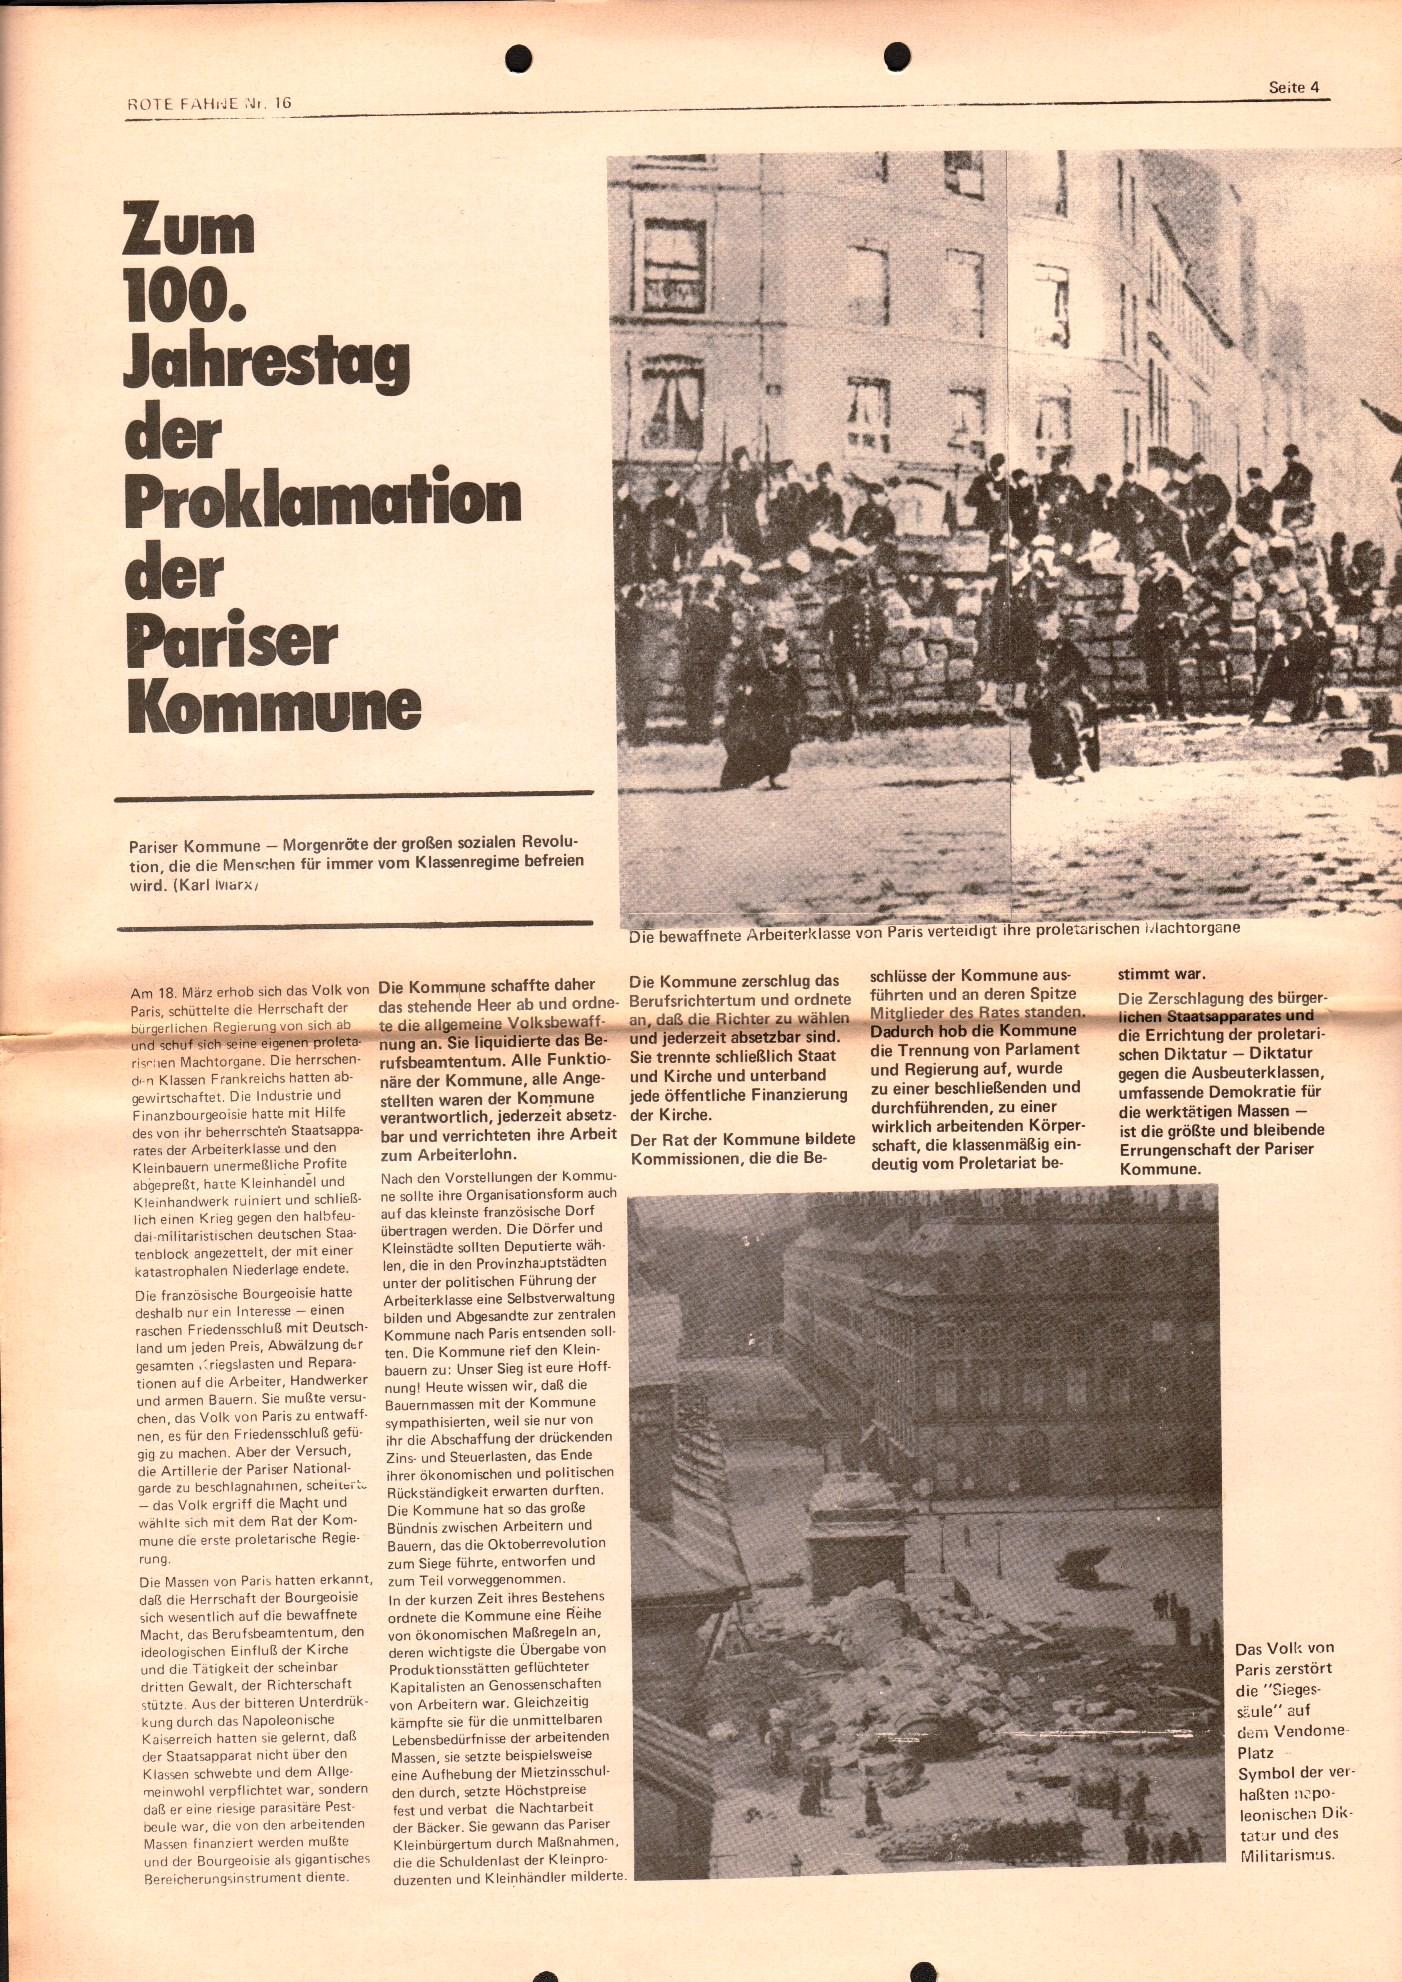 KPD_Rote_Fahne_1971_16_04